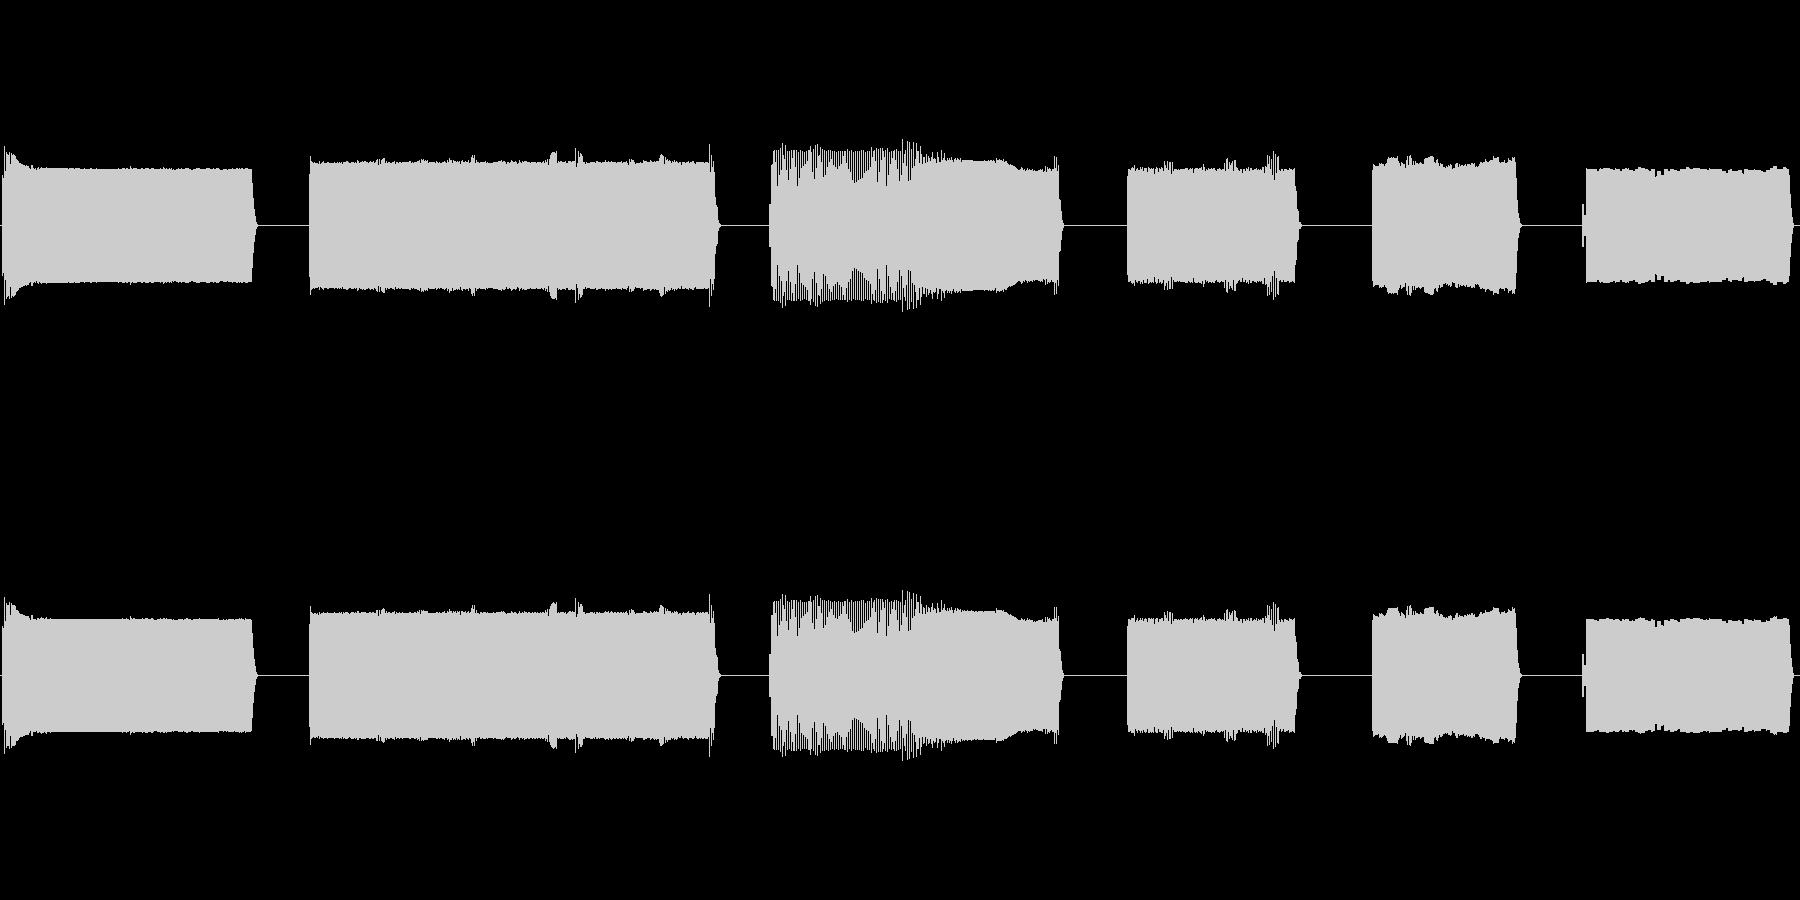 ノイズ、バースト、シグナル、ムービ...の未再生の波形